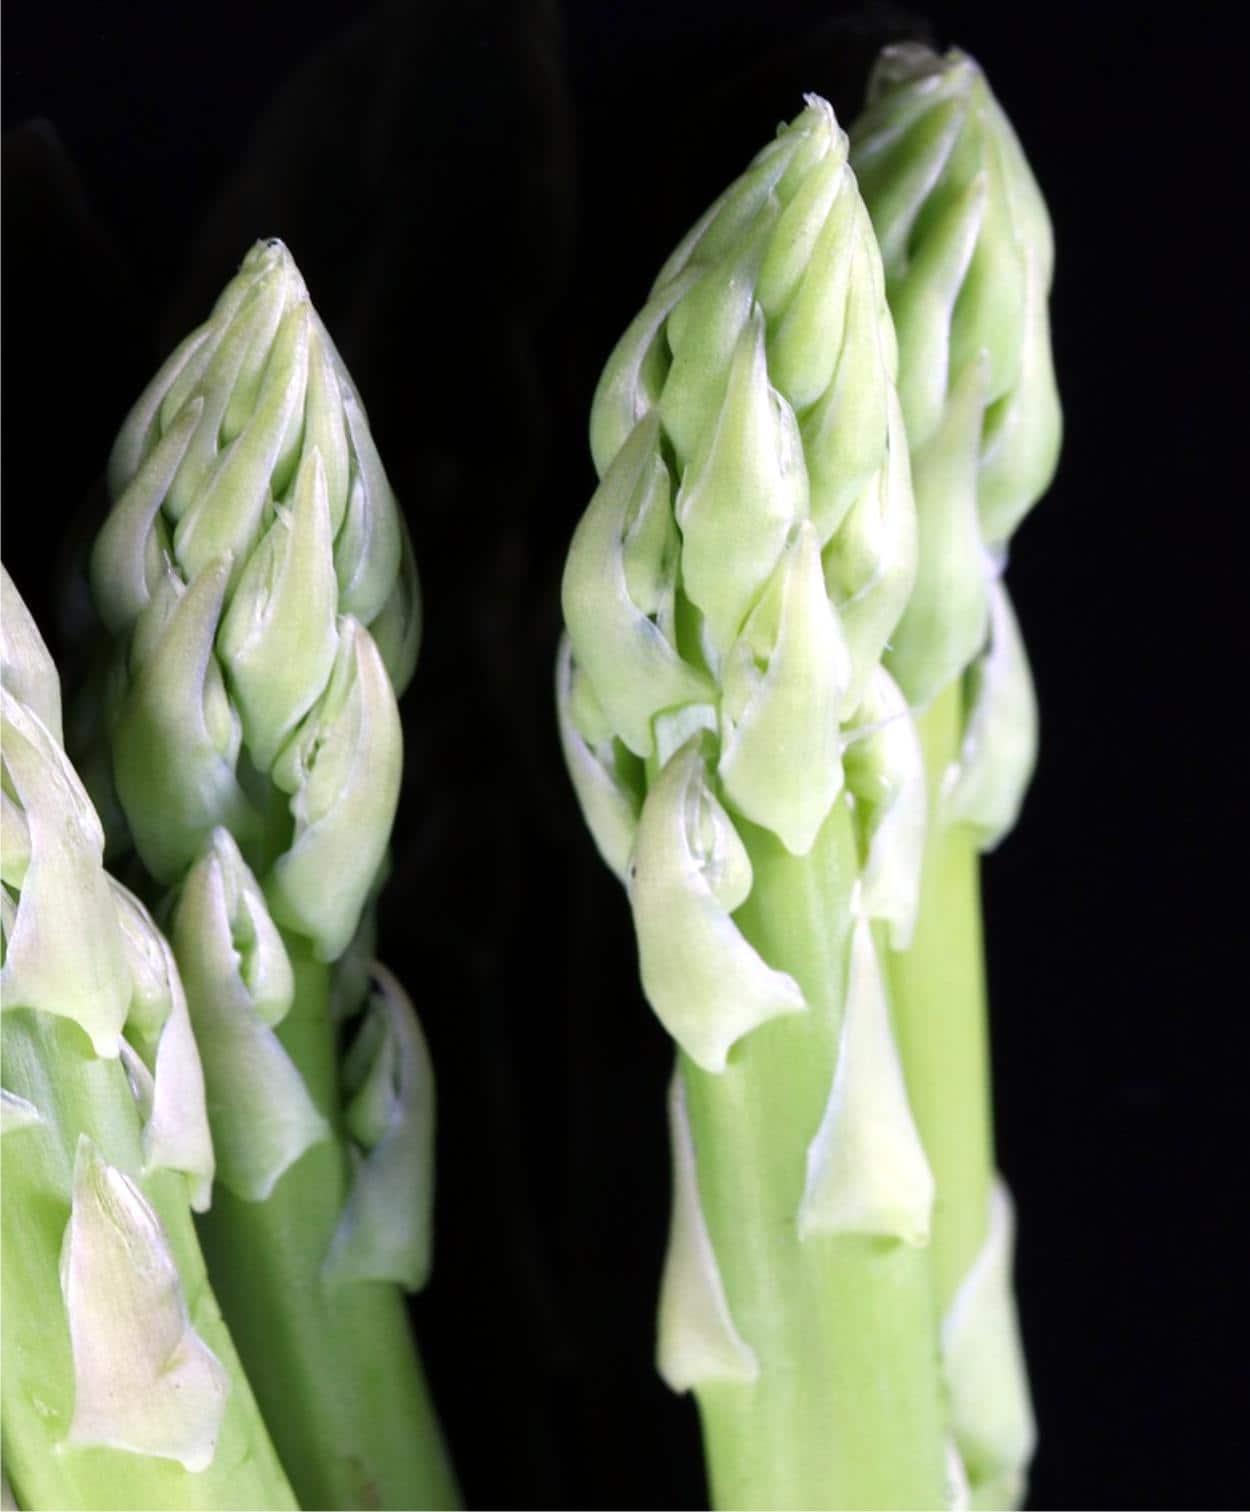 Malattie degli asparagi